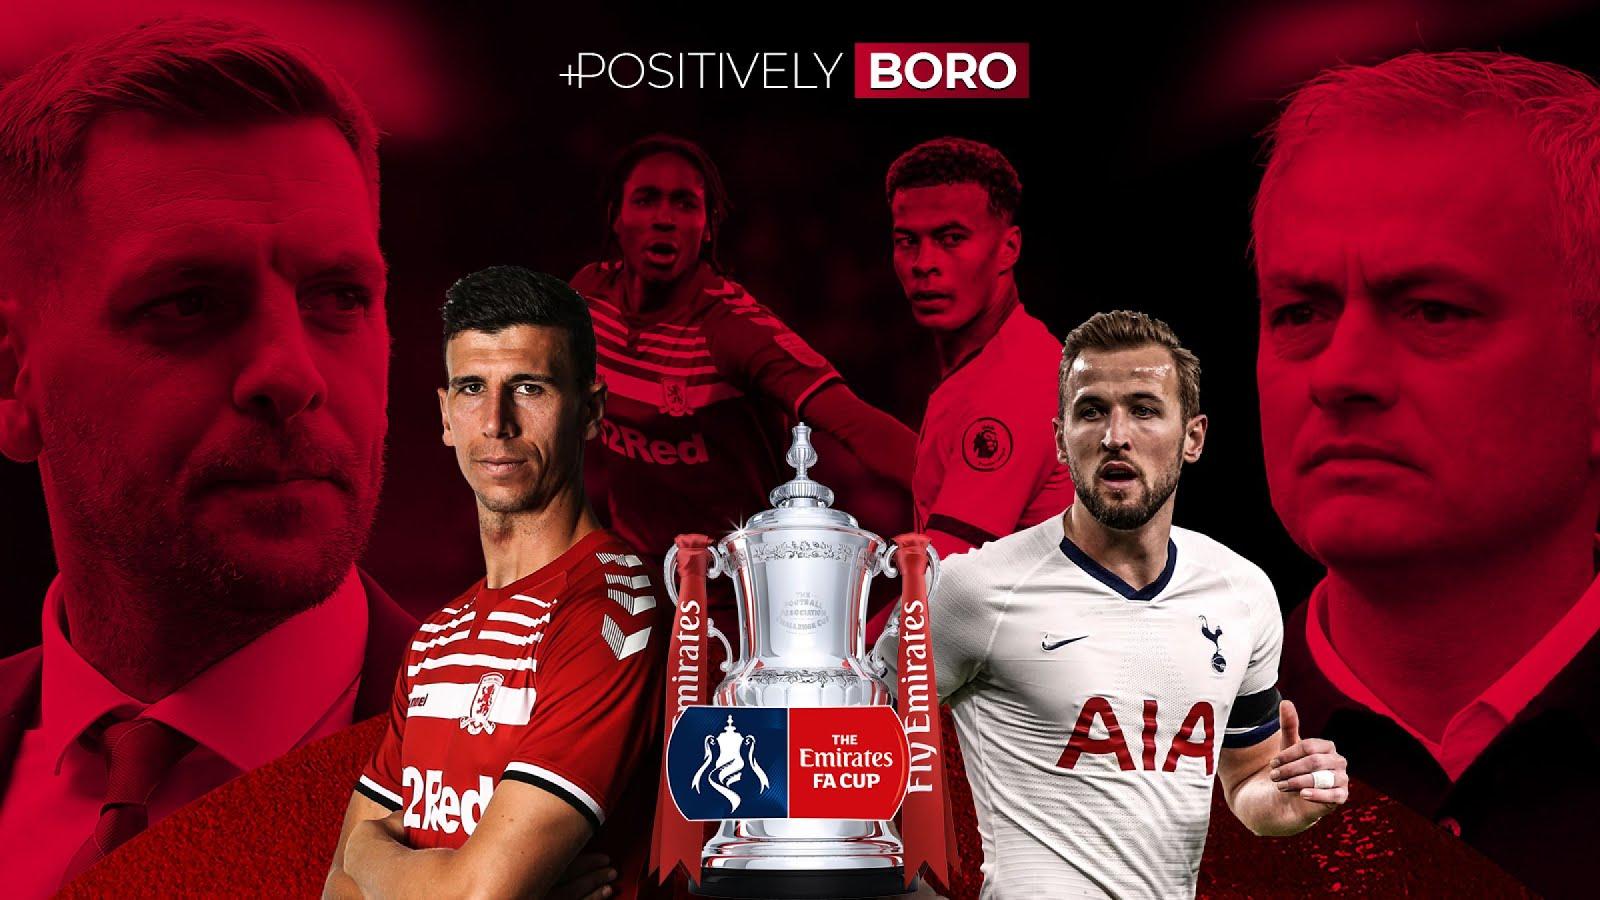 مشاهدة مباراة توتنهام وميدلزبره بث مباشر اليوم 5-1-2020 في كأس الاتحاد الانجليزي